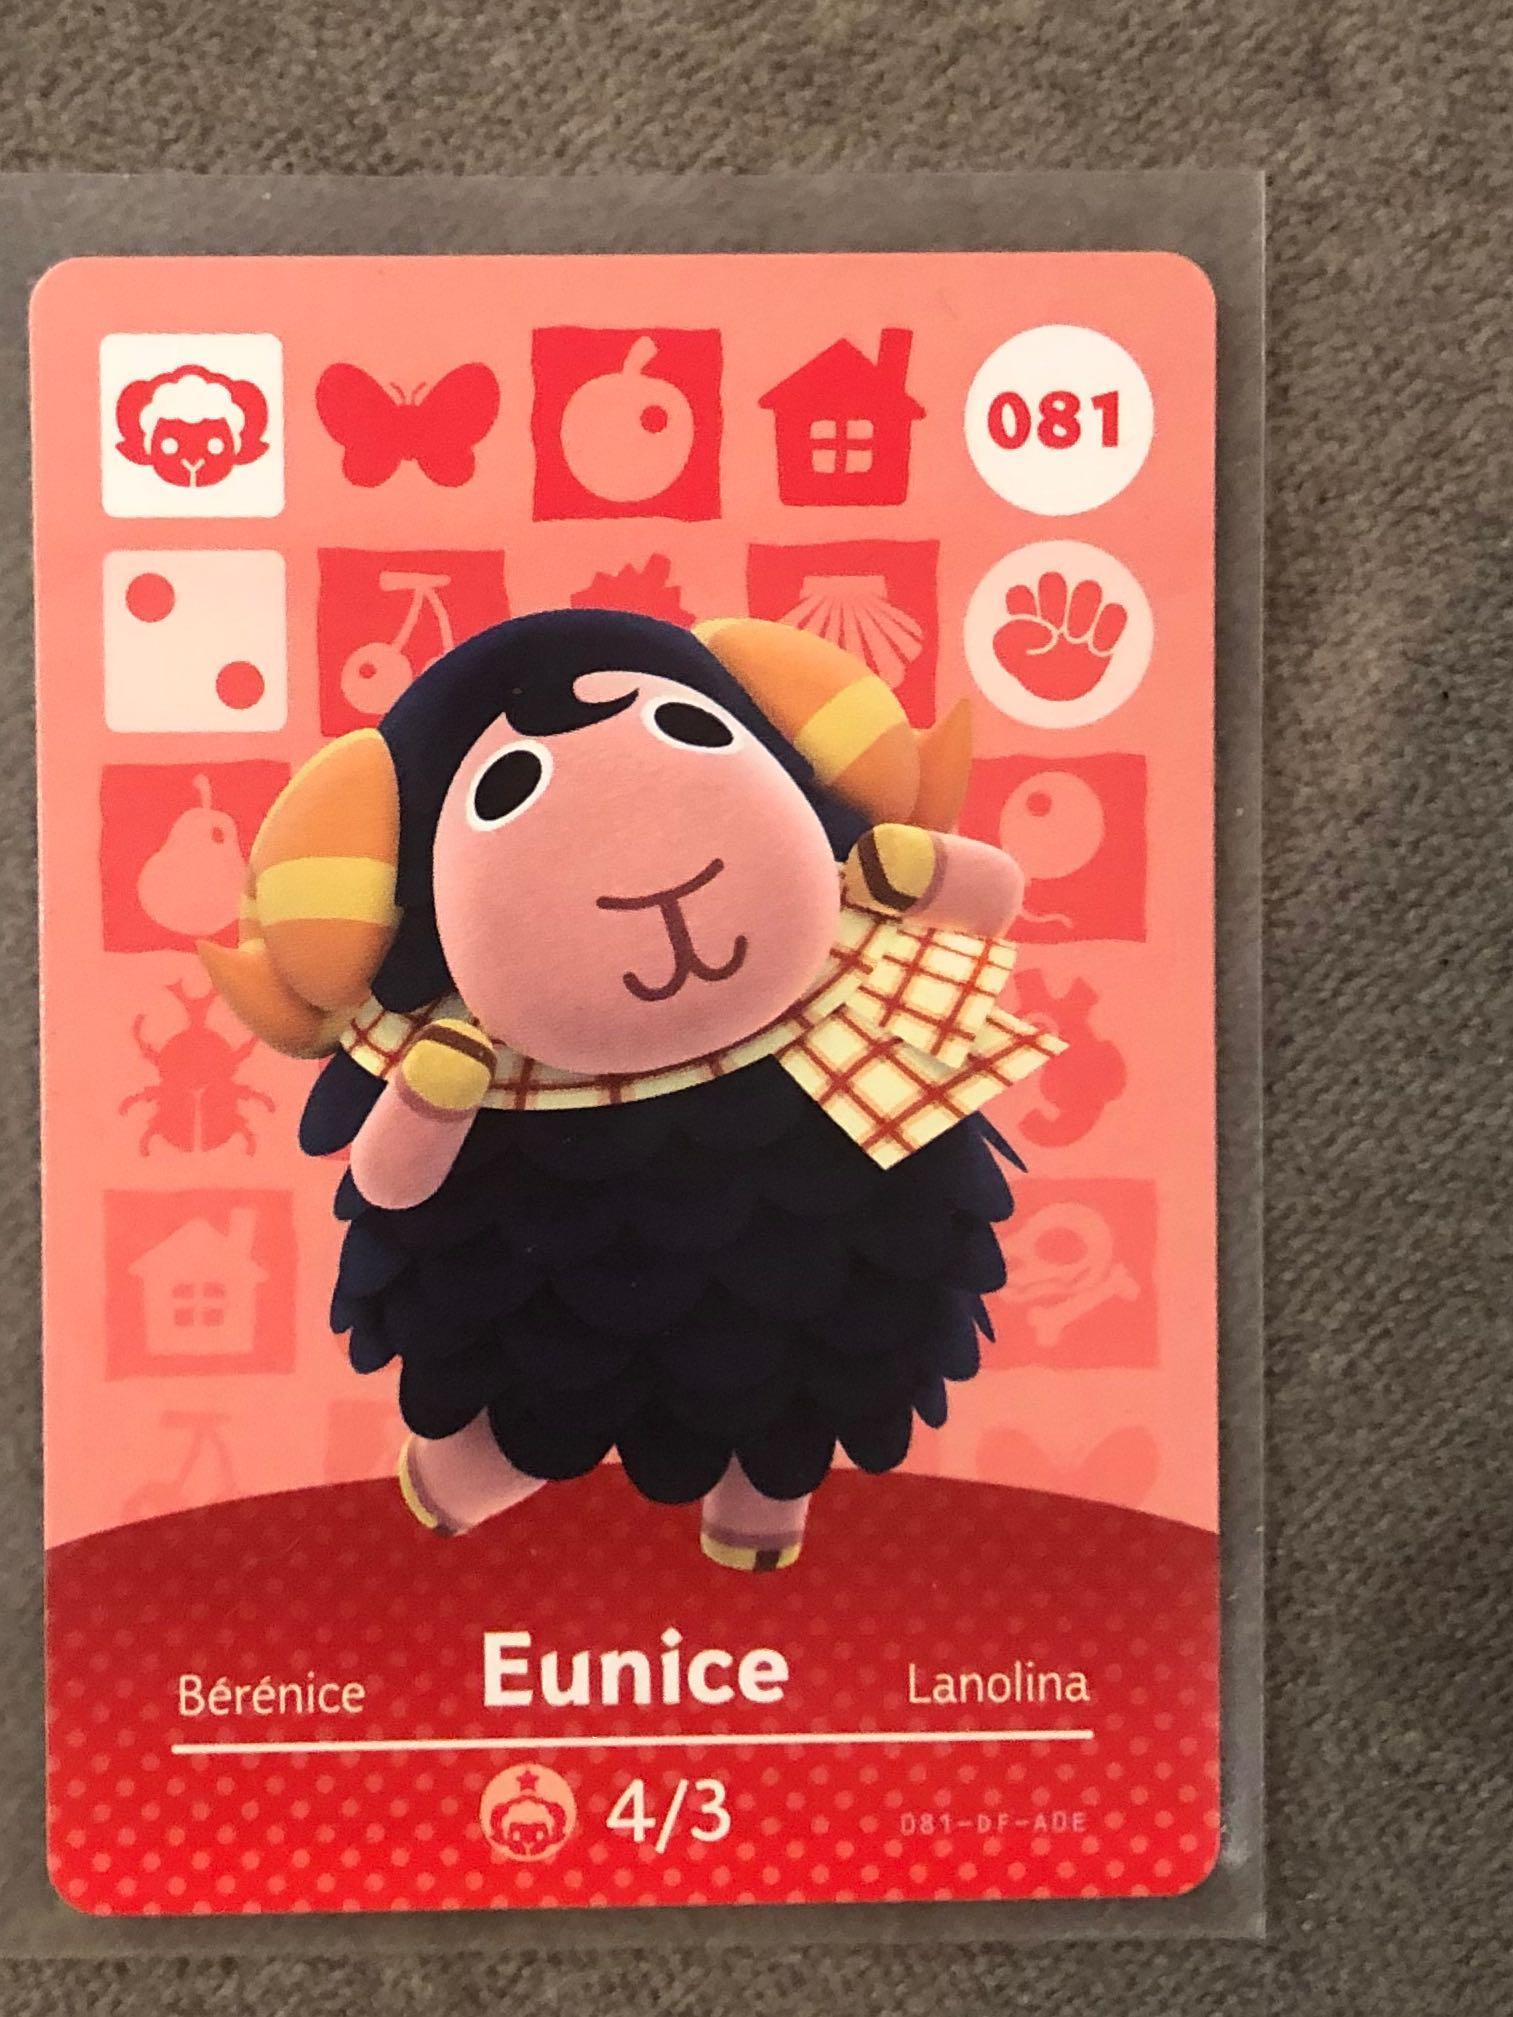 [當天出貨 ][全新現貨 ]動物森友會     官方正版  美版  amiibo卡  毛海兒 Eunice 081